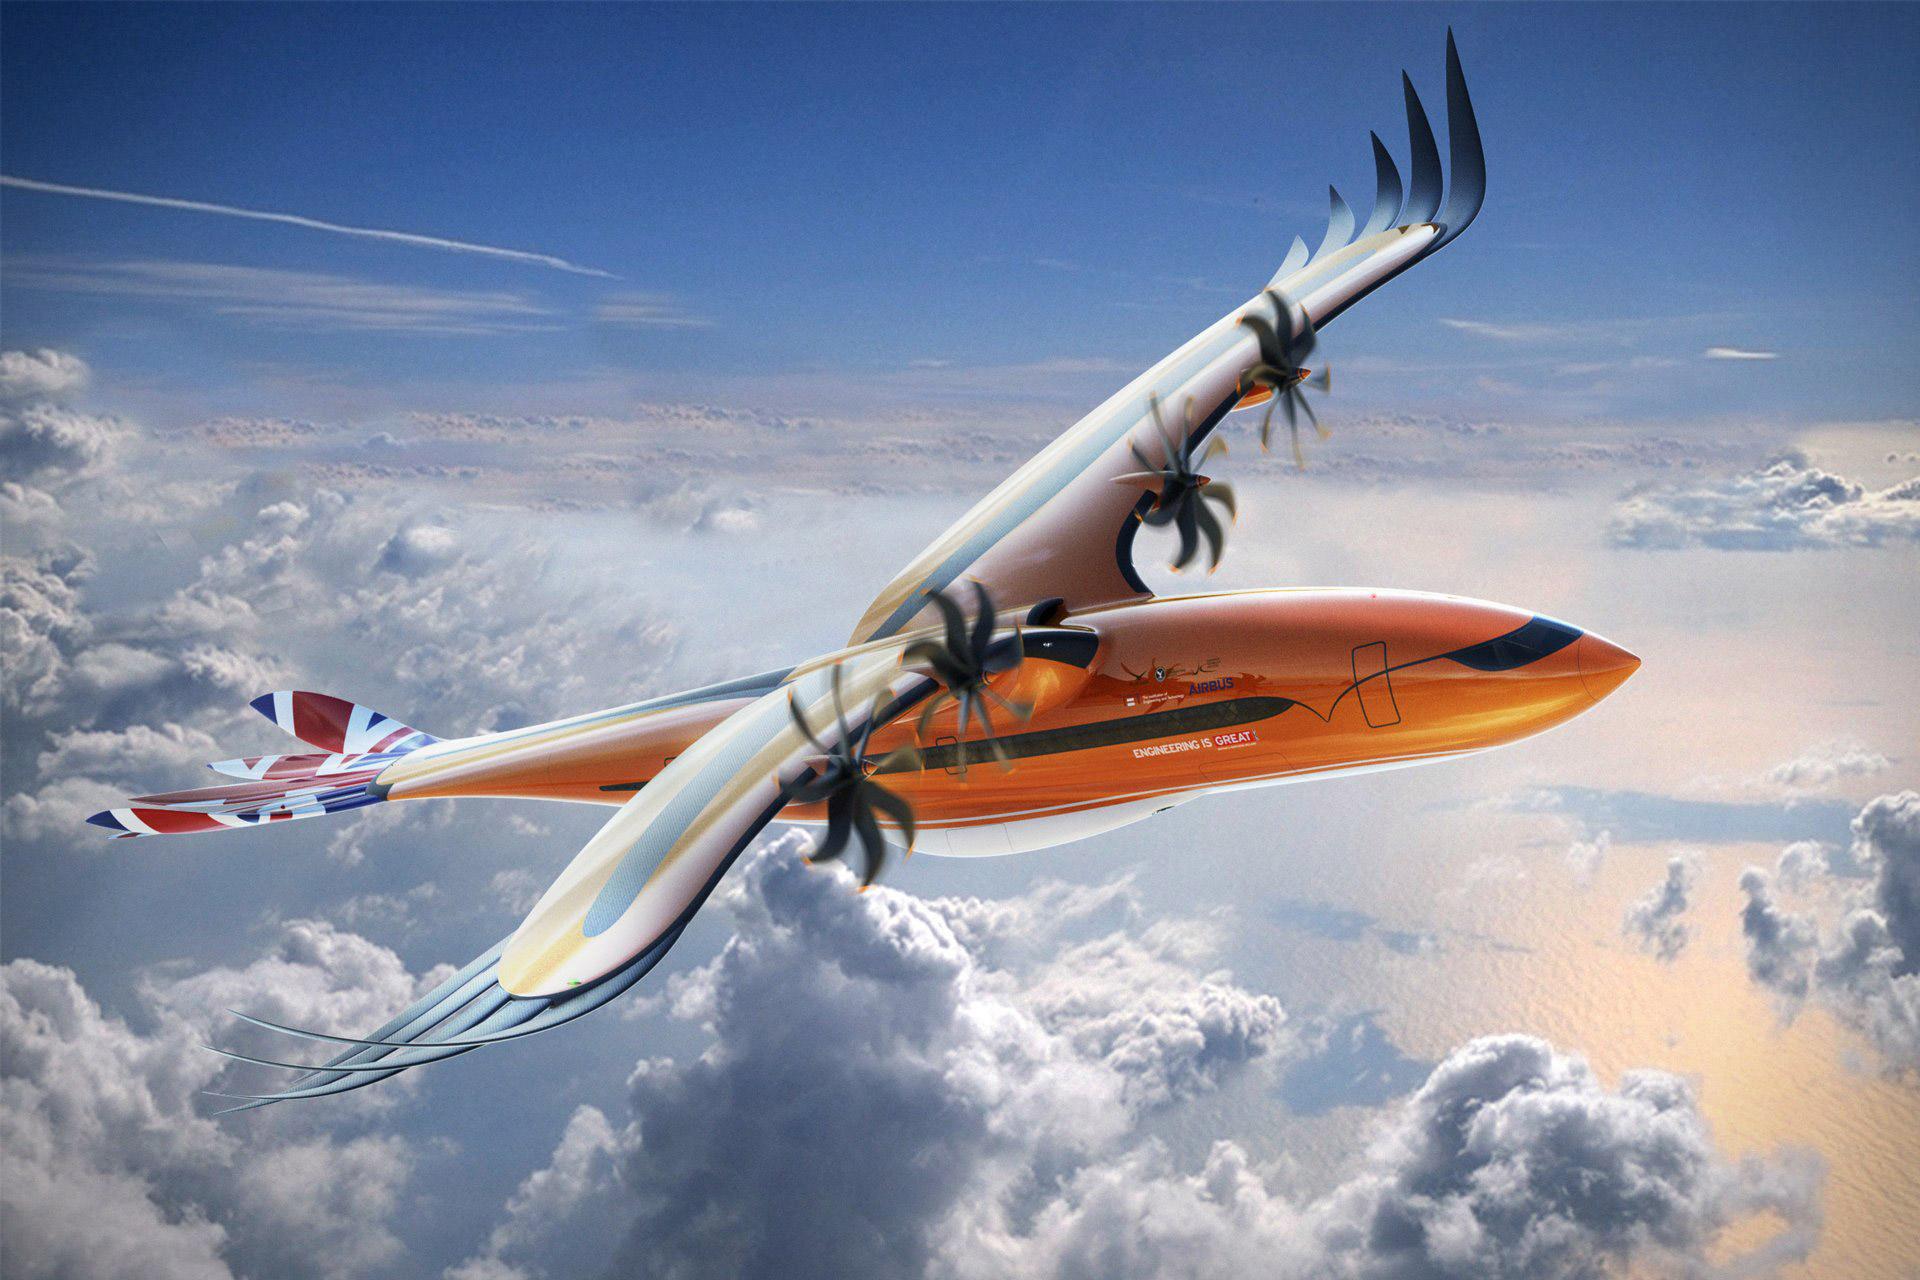 Airbus Bird of Prey Aircraft Concept